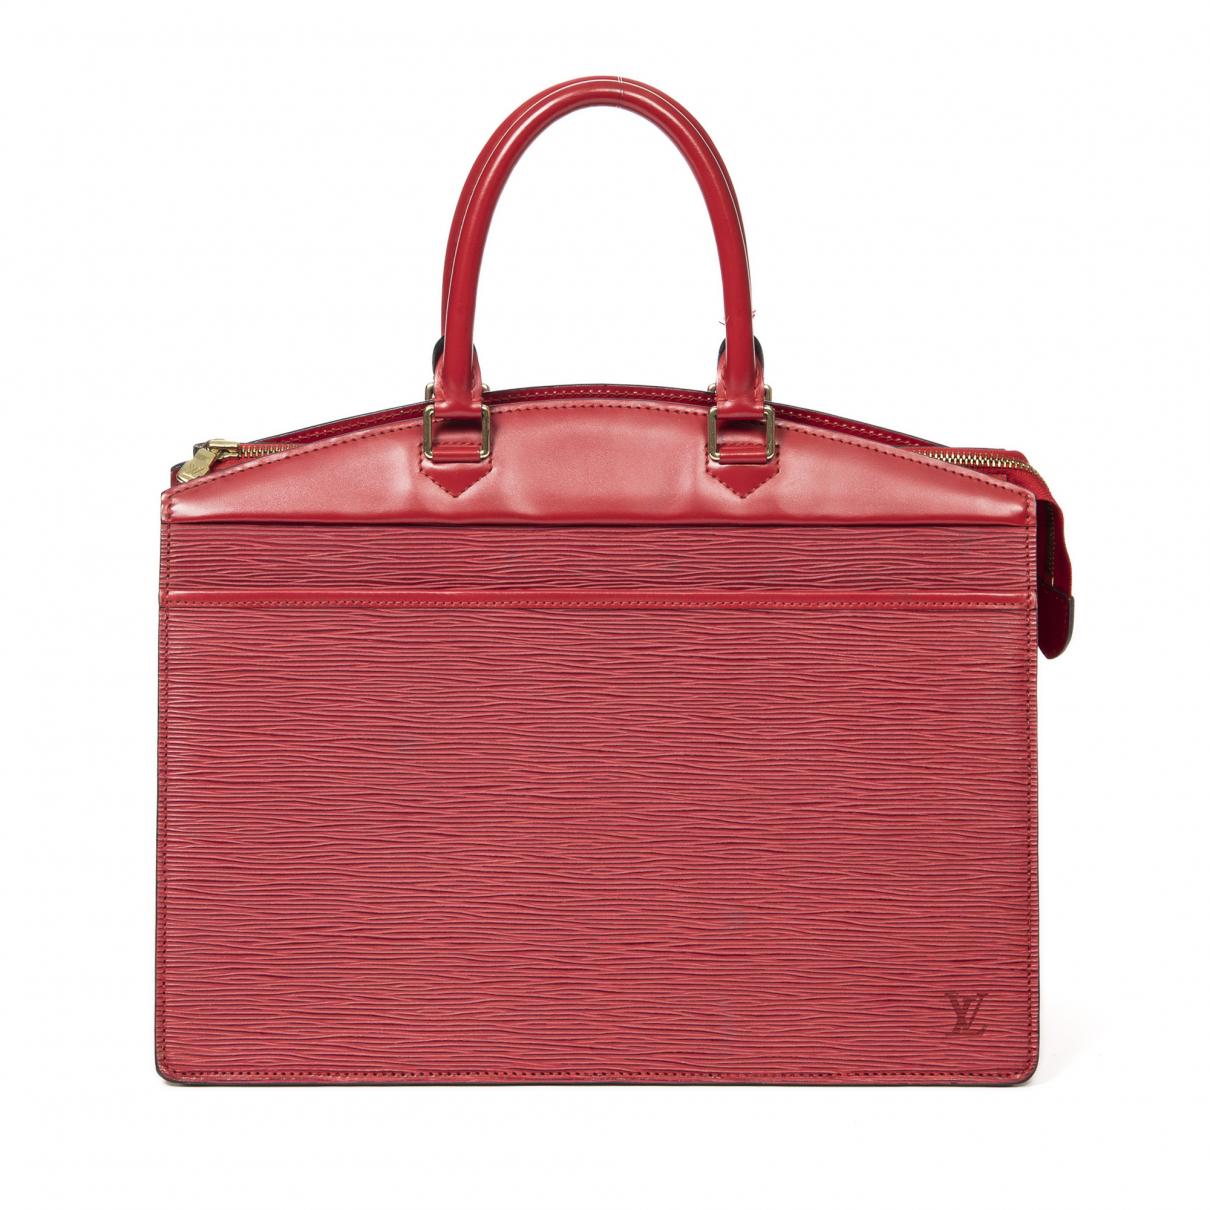 Louis Vuitton Riviera  Handtasche in  Rot Leder